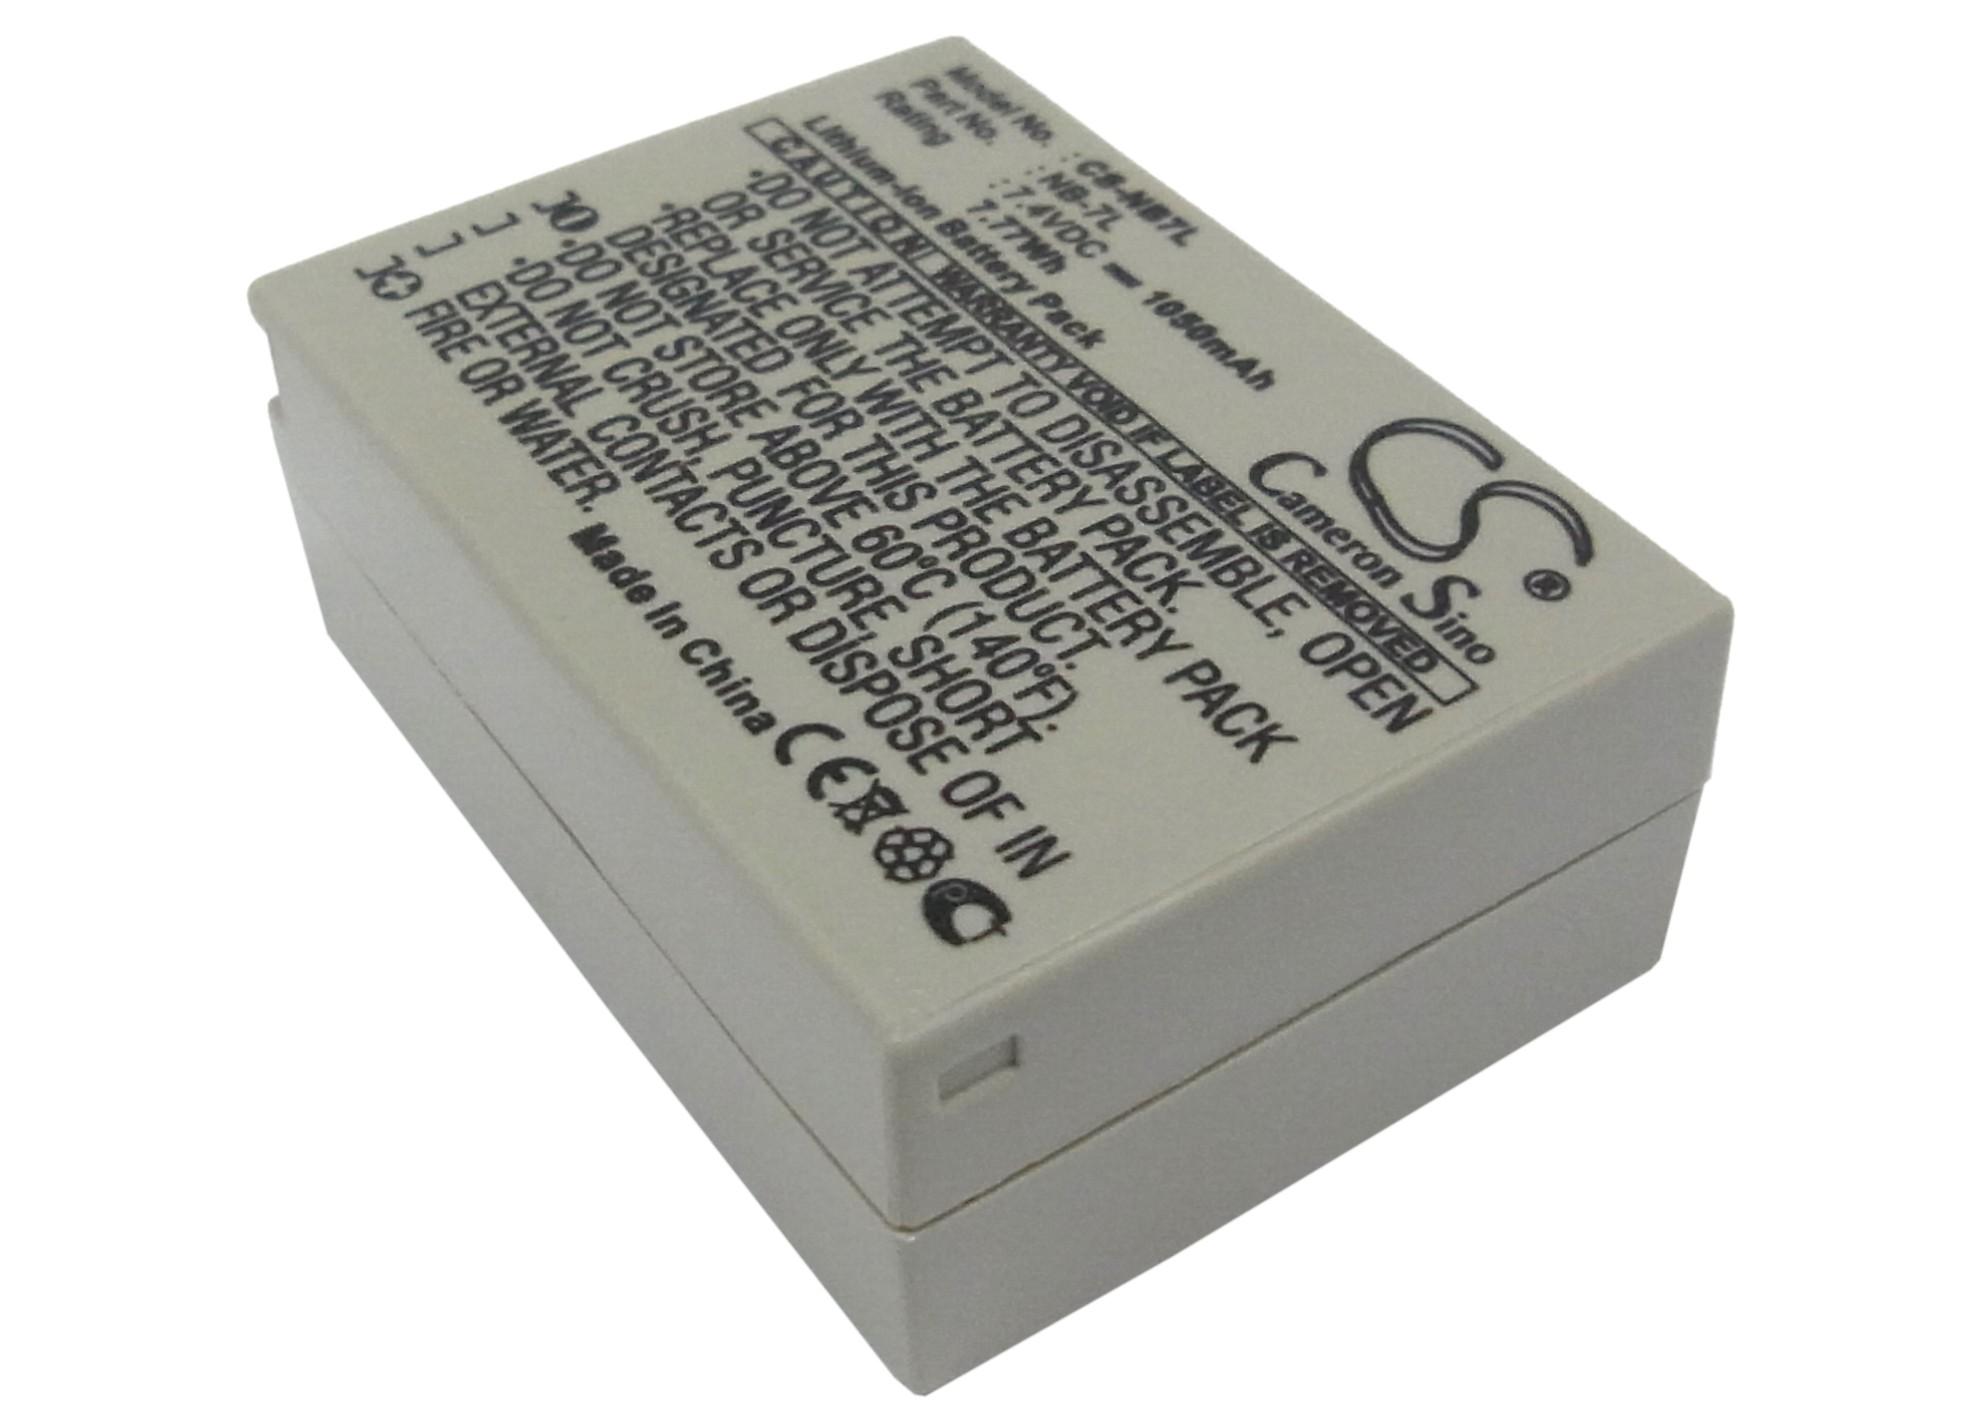 Cameron Sino baterie do kamer a fotoaparátů pro CANON PowerShot G10 7.4V Li-ion 1050mAh bílá šedá - neoriginální